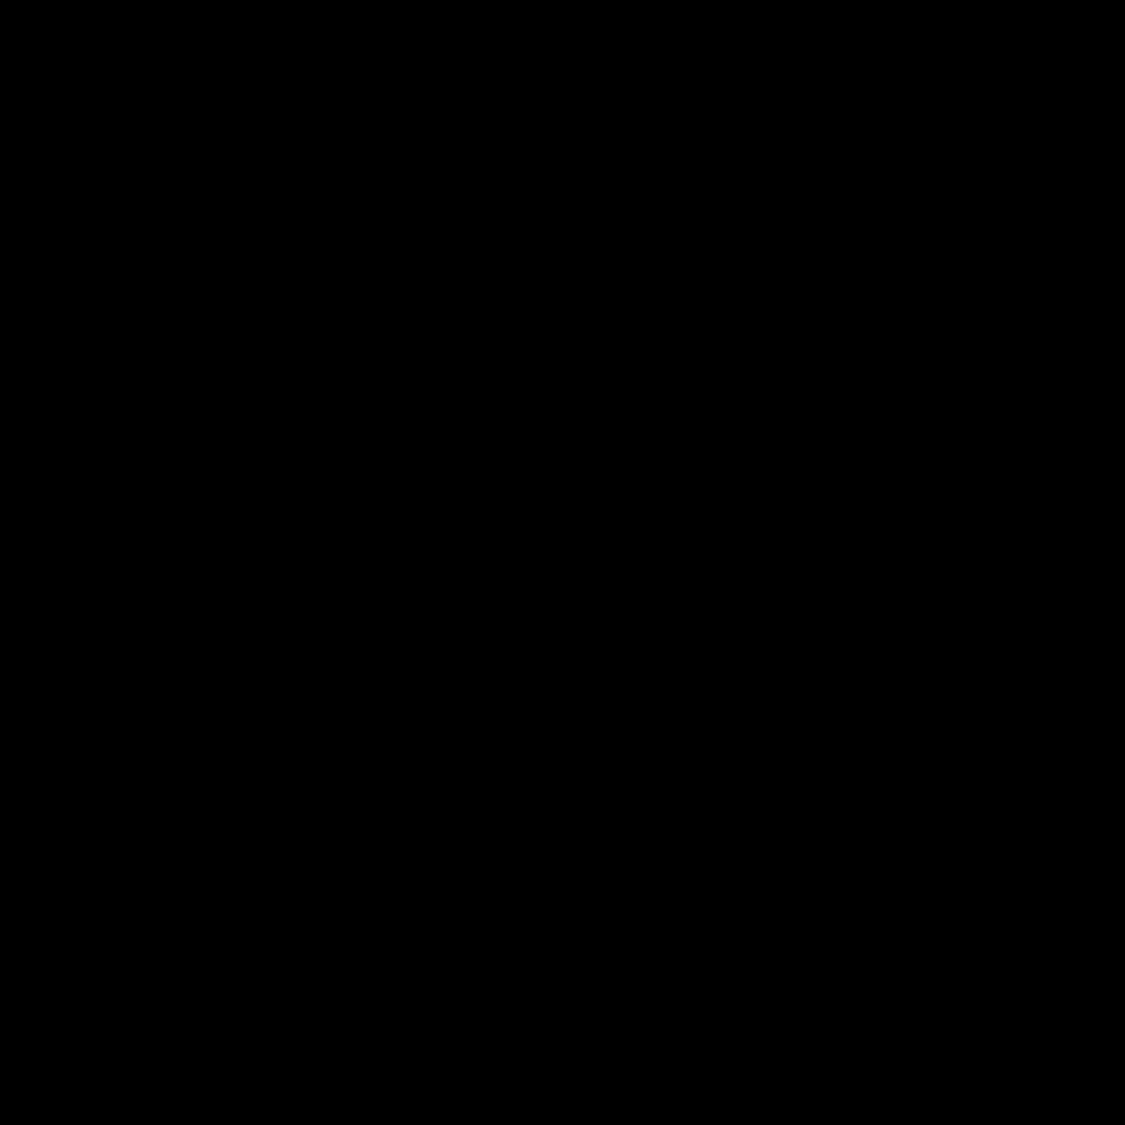 Braxatorium Parcensis